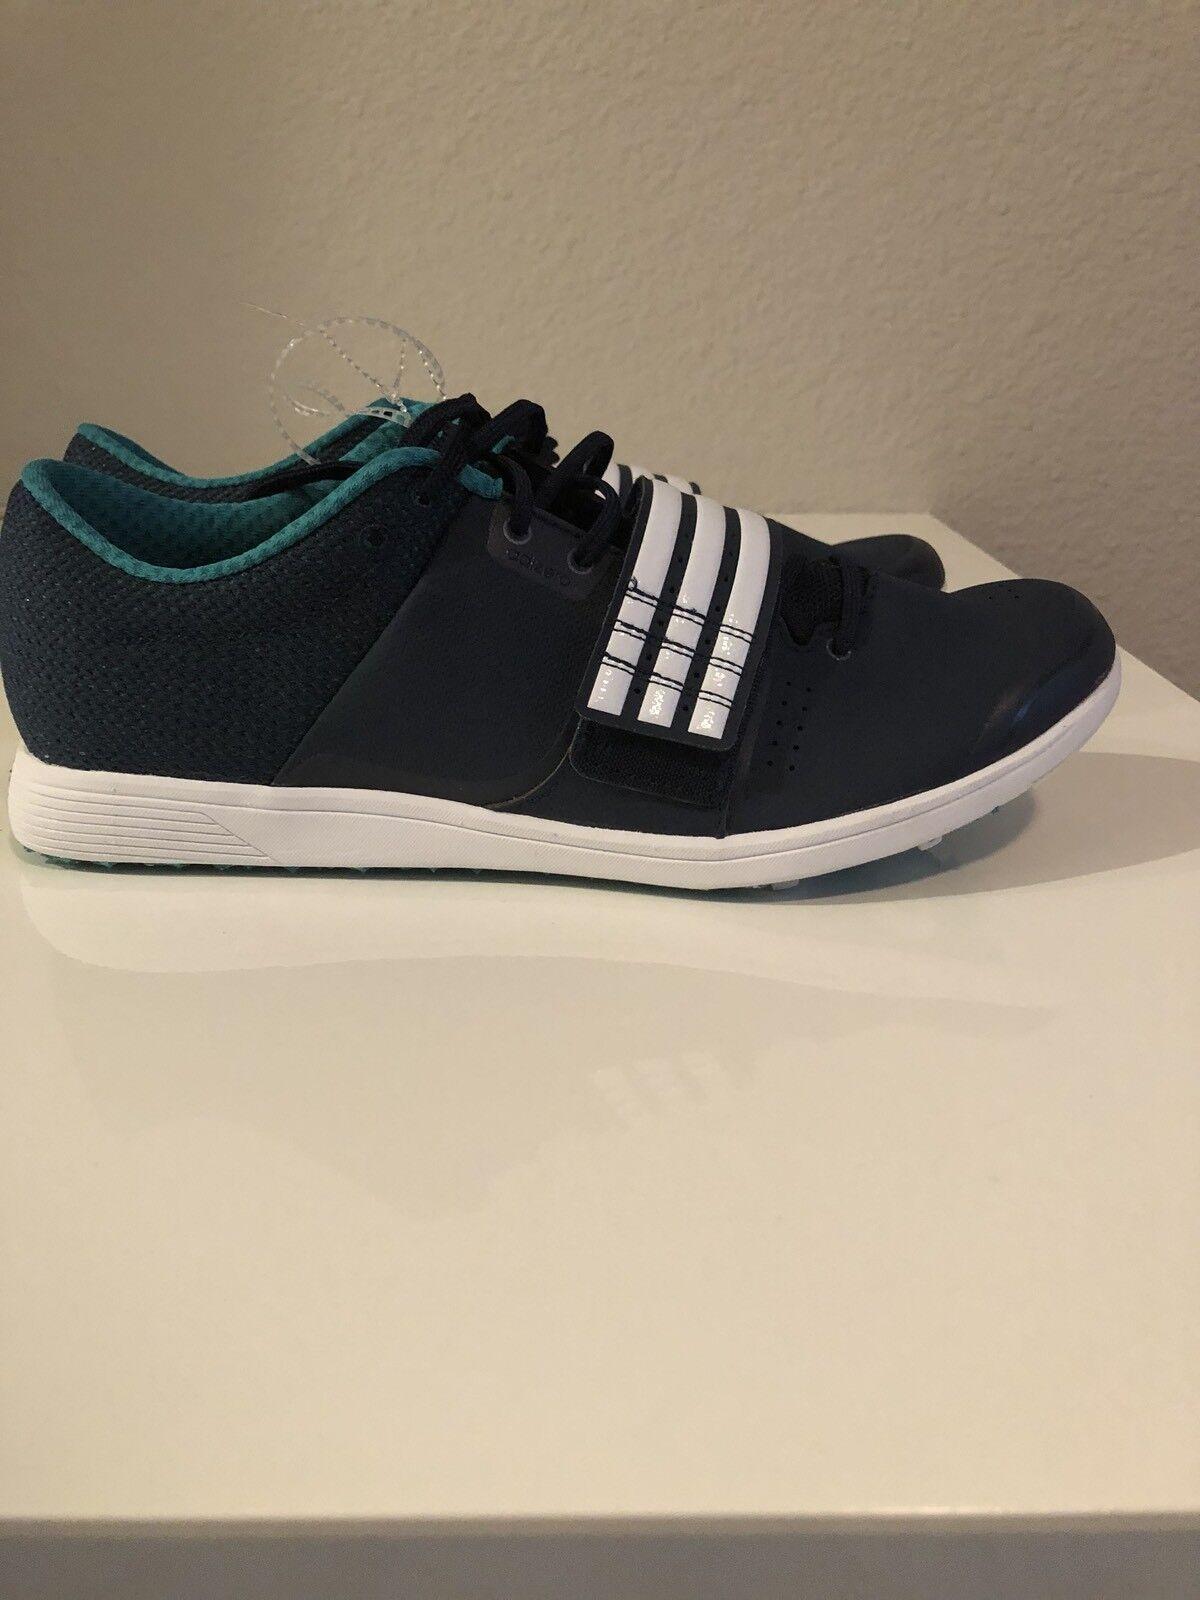 hombre adidas adizero HJ Azul hombre Athletic Field Azul HJ zapatos af5645 comodo e11f5b